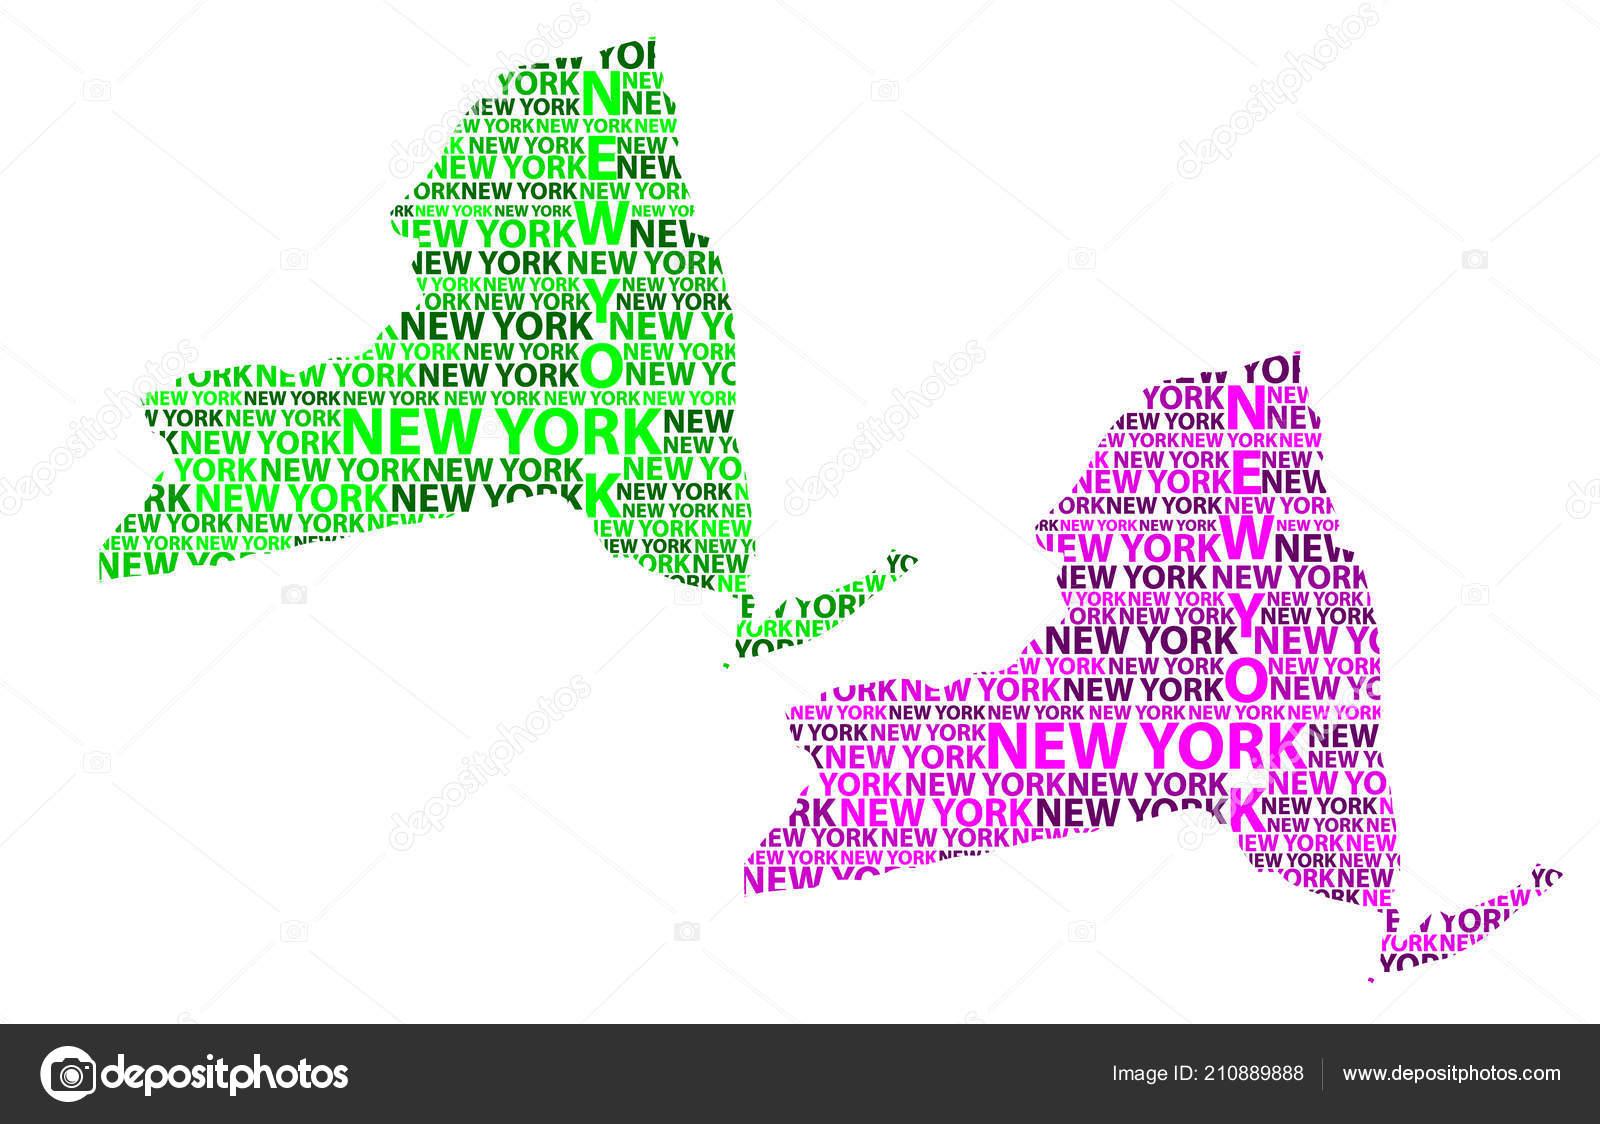 Amerika Karte New York.New York Vereinigte Staaten Von Amerika Brief Text Kartenskizze New